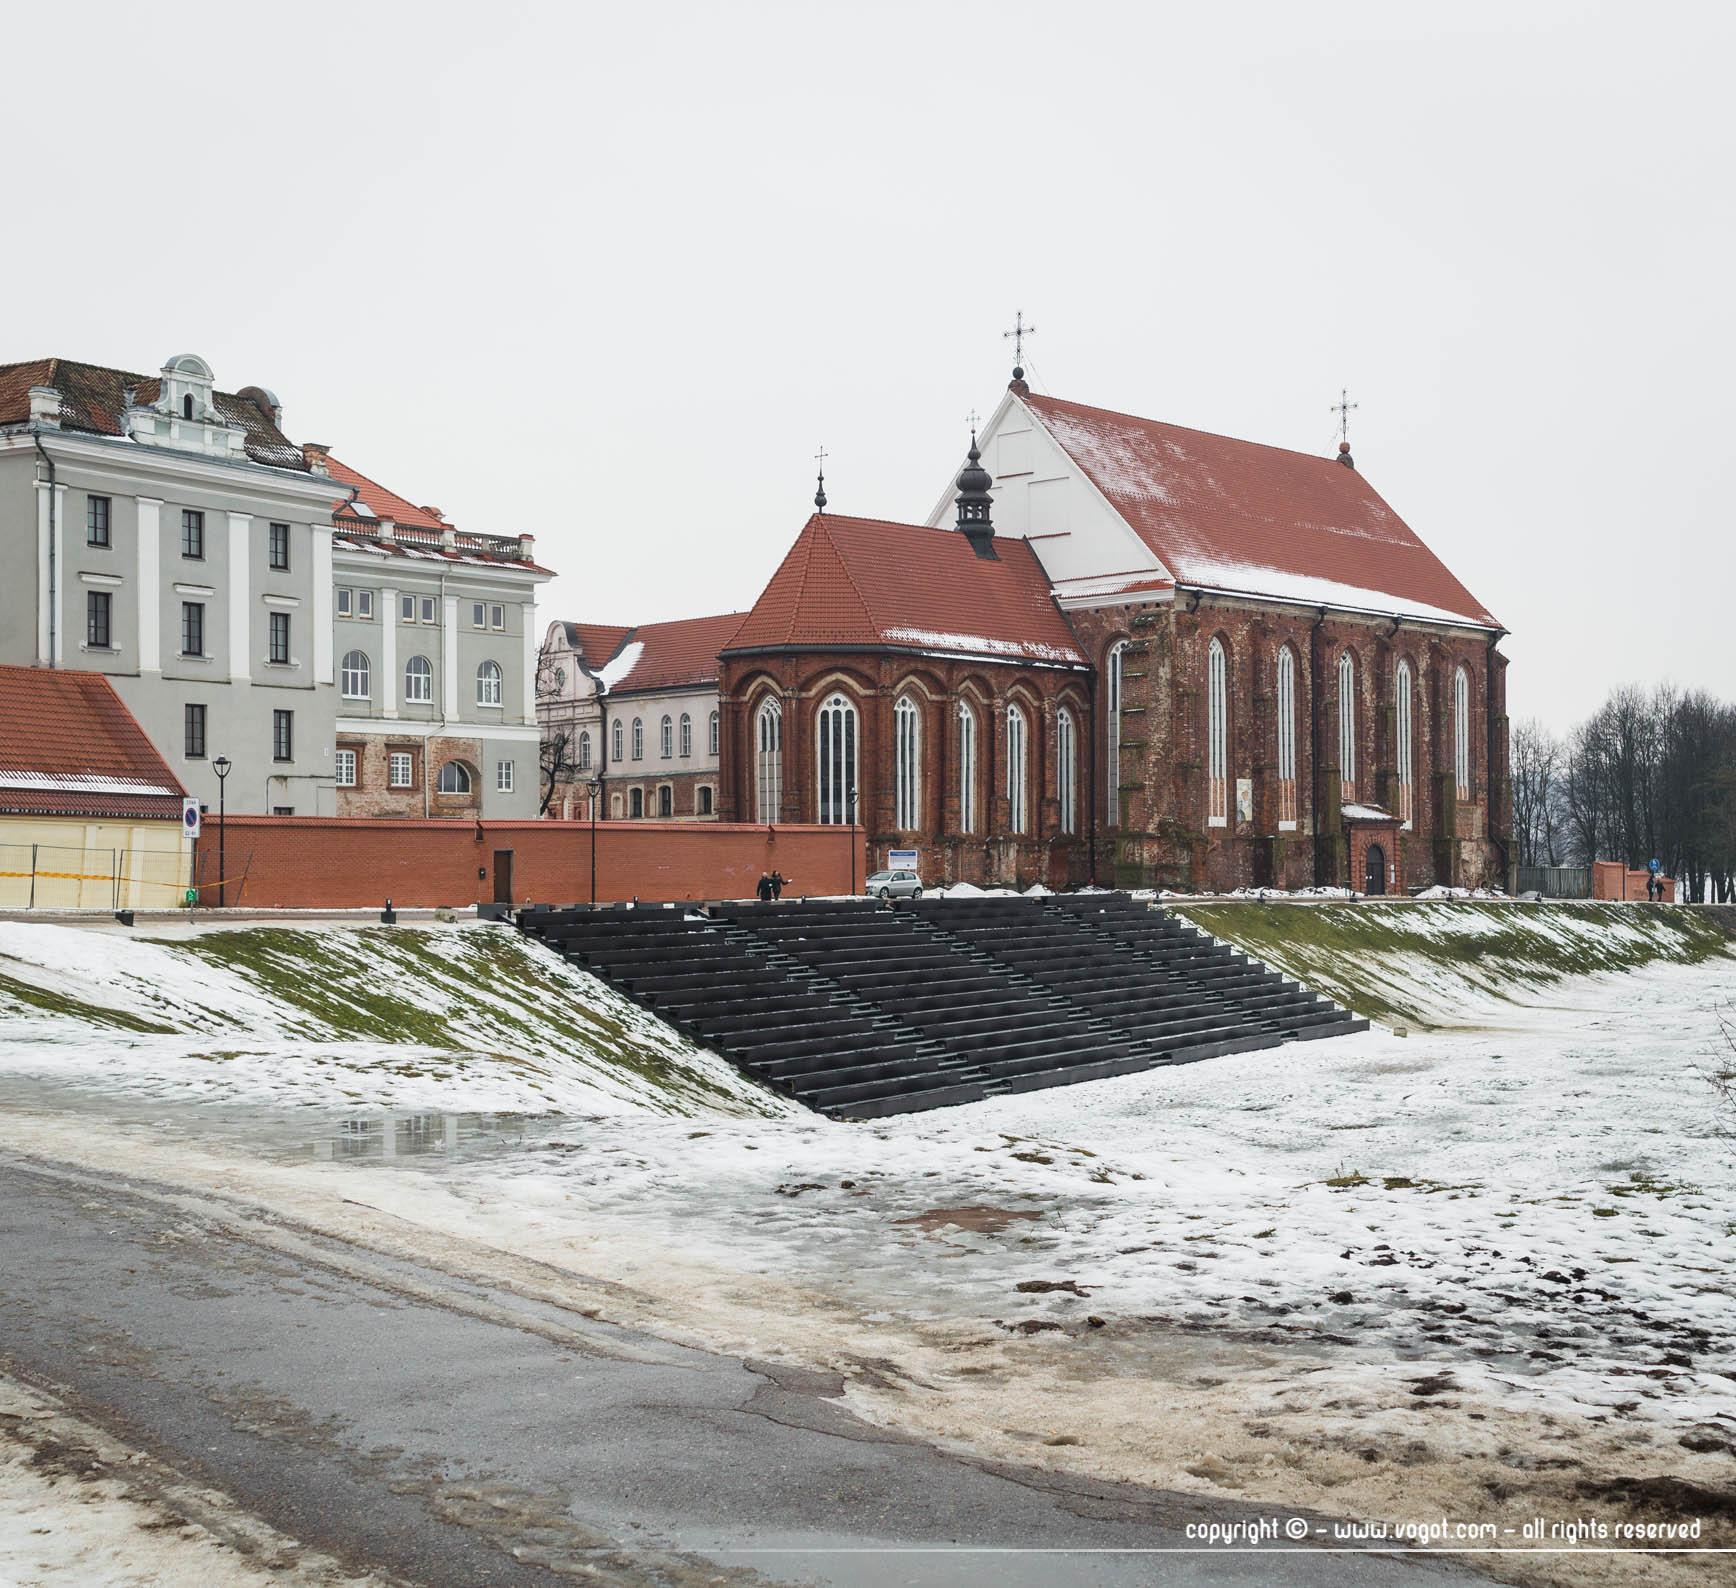 Une journée à Kaunas - constructions anciennes aux abords de la Neris